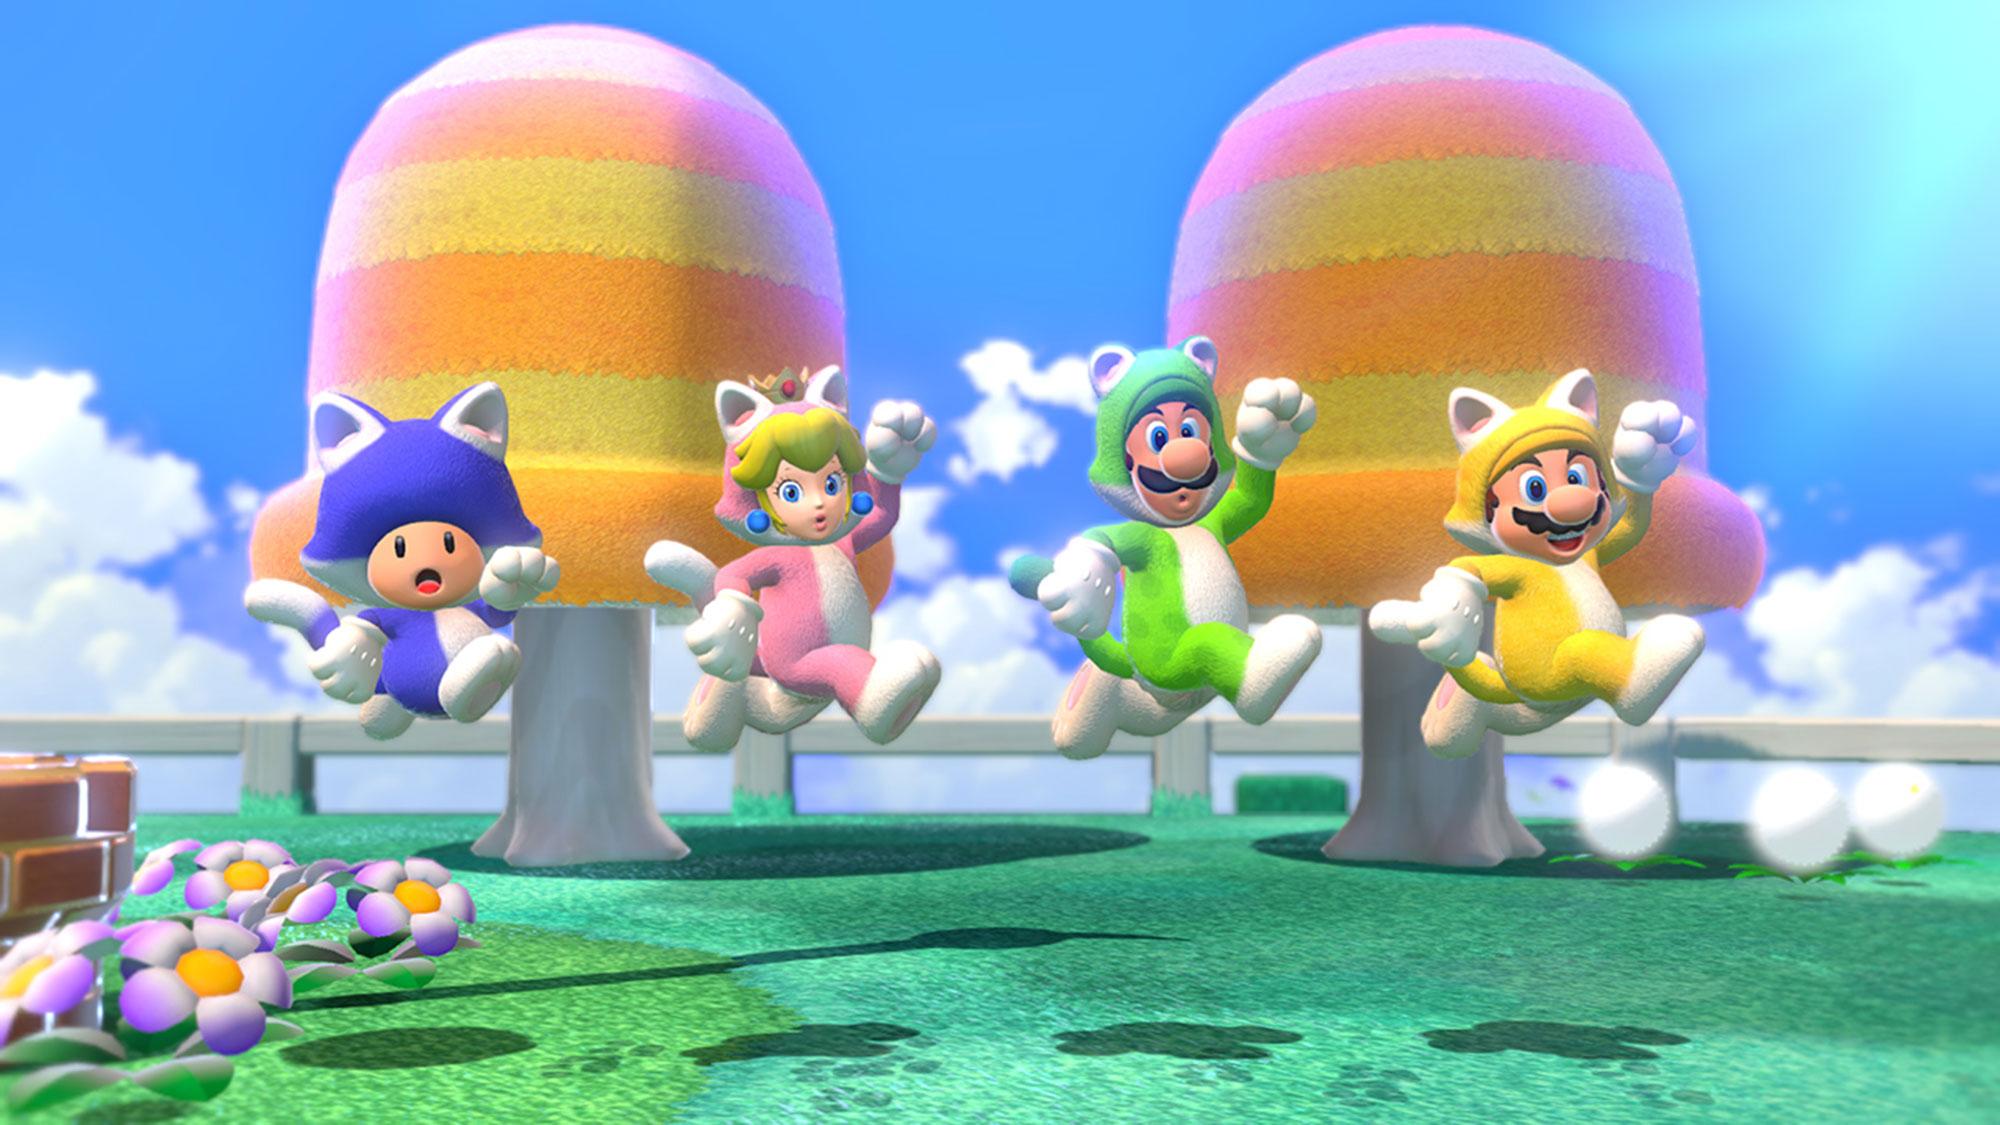 Nintendo's Super Mario 35th Anniversary celebration